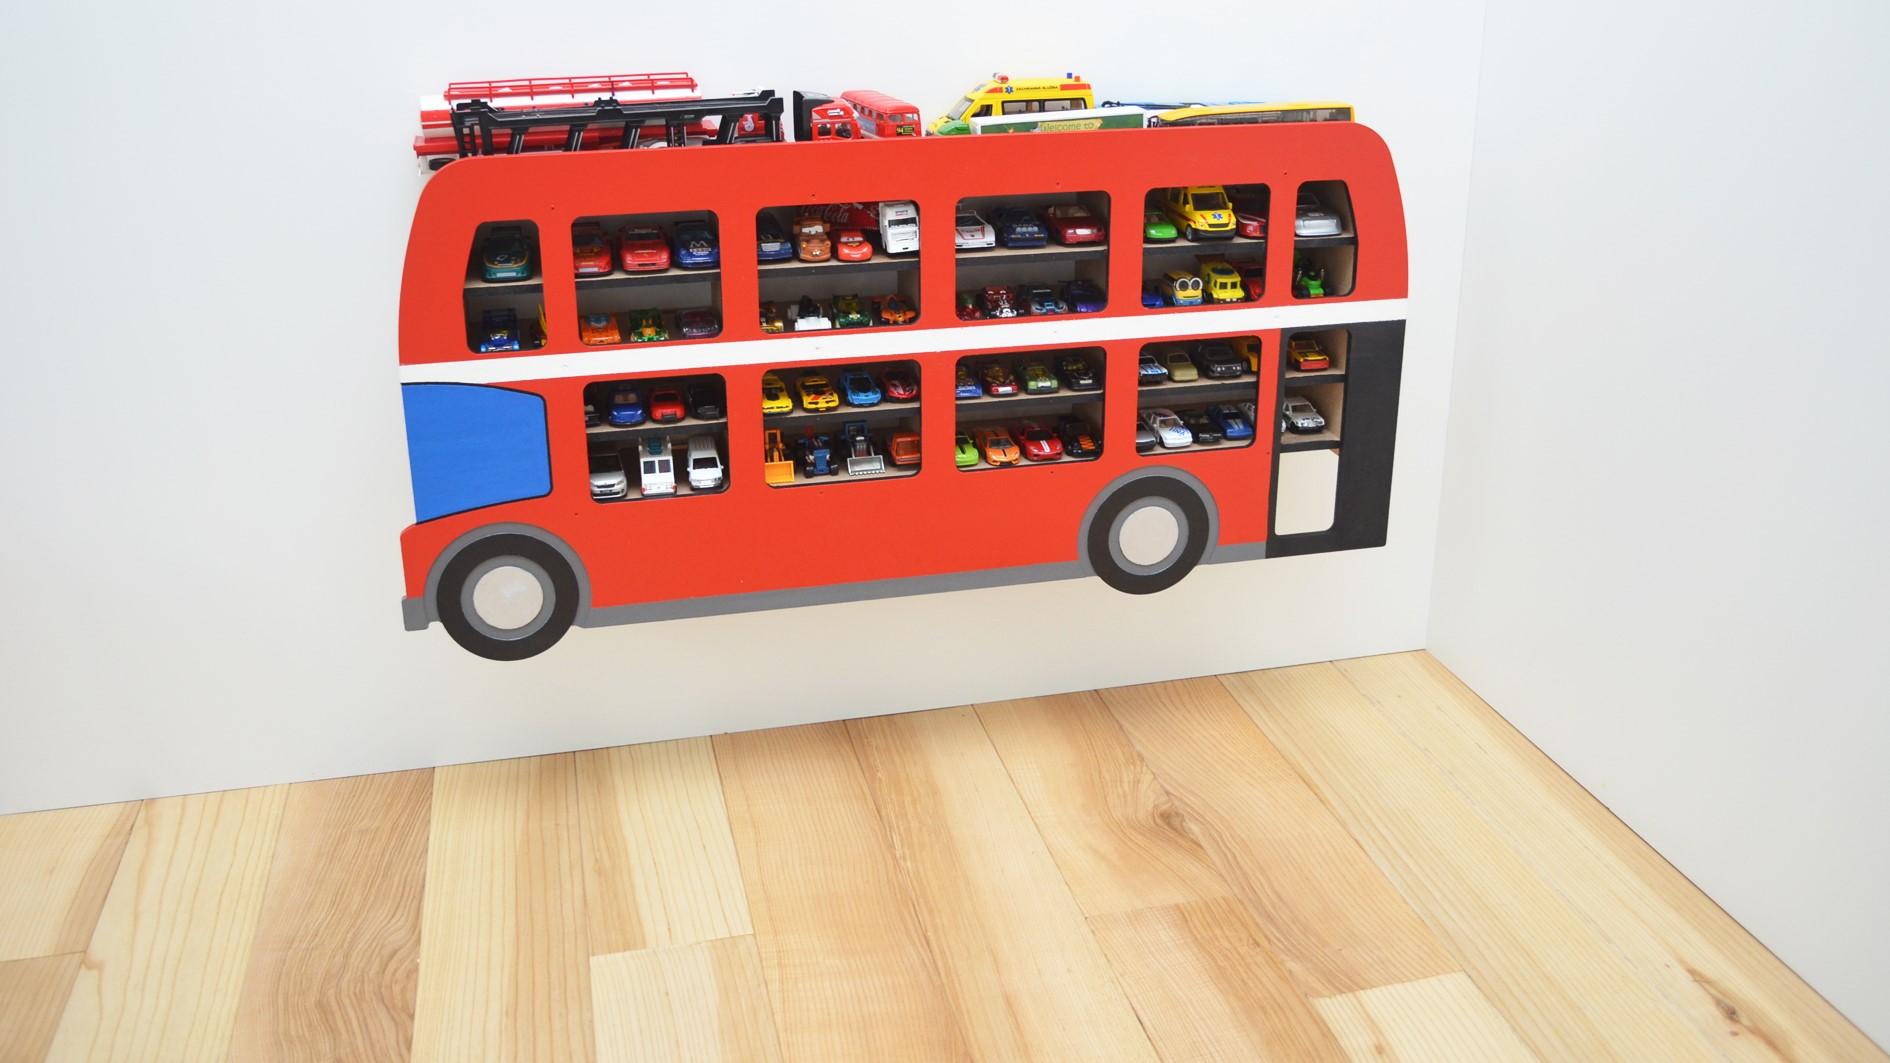 úvodní video - dětská police autobus, co najdete v balení